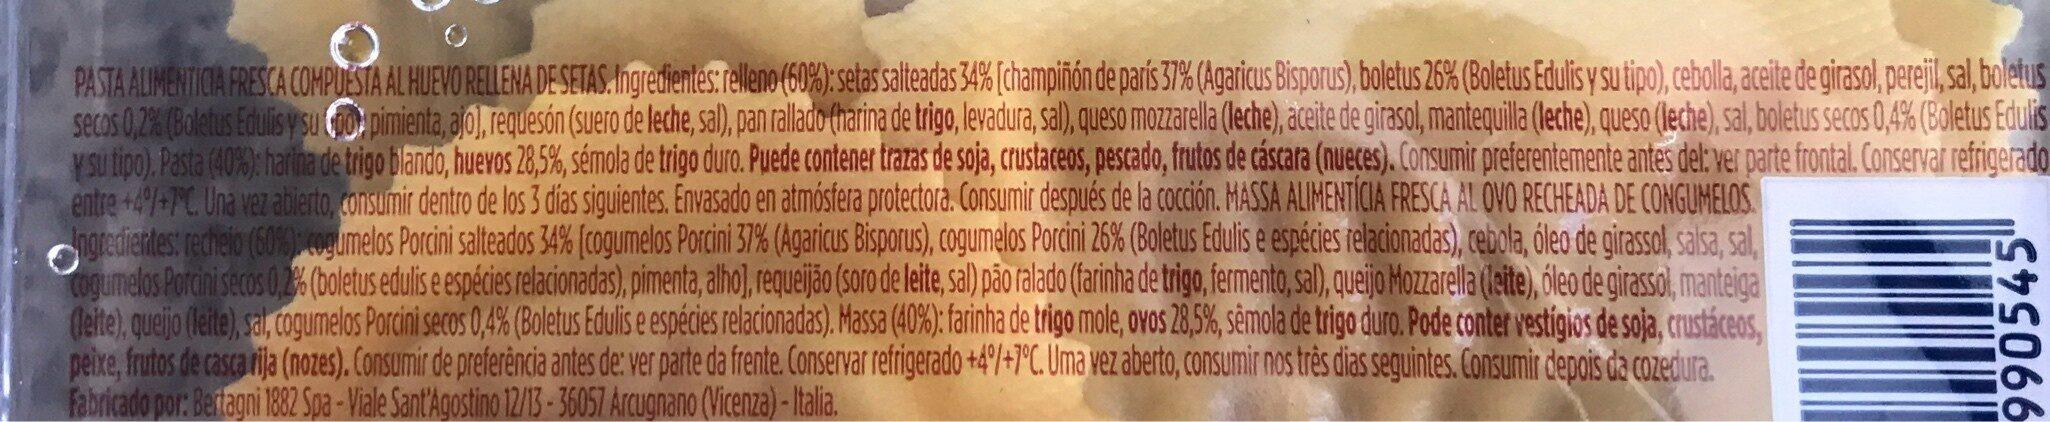 Ravioli - Ingrédients - es